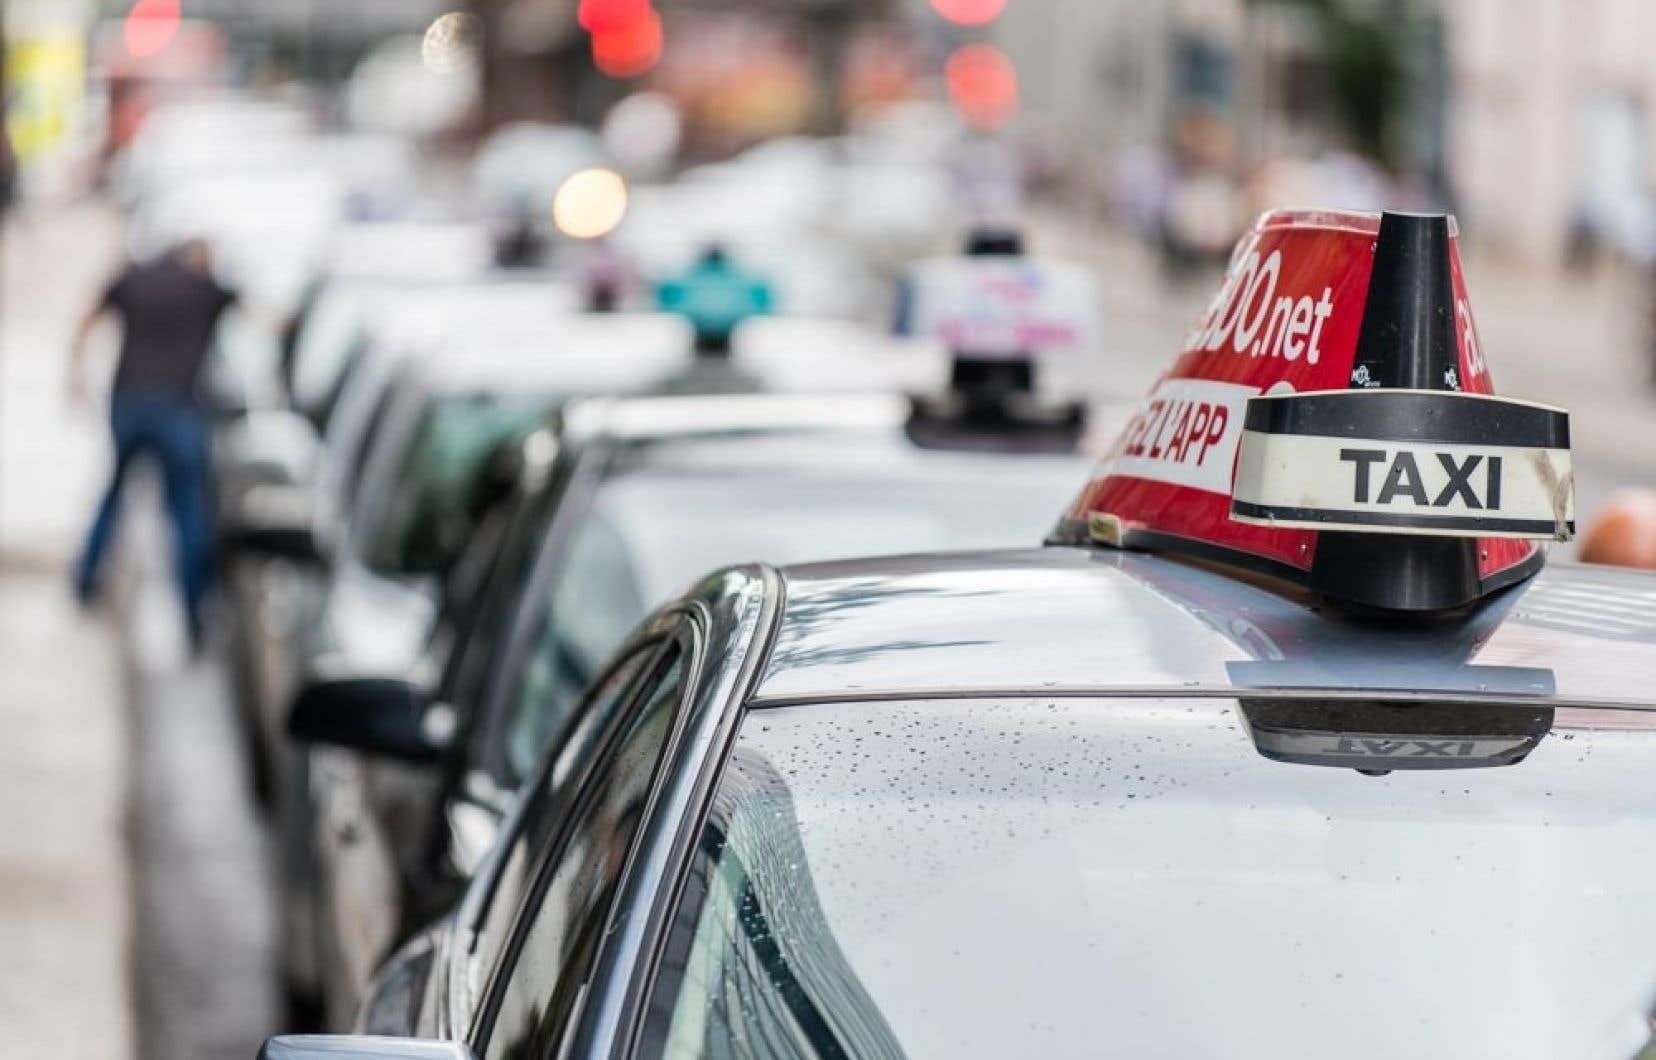 En réunion mardi, les représentants de l'industrie du taxi ont convenu d'expédier mercredi une mise en demeure au gouvernement et de déposer, jeudi, une demande d'injonction afin d'empêcher l'entrée en vigueur de l'entente conclue entre Québec et Uber.